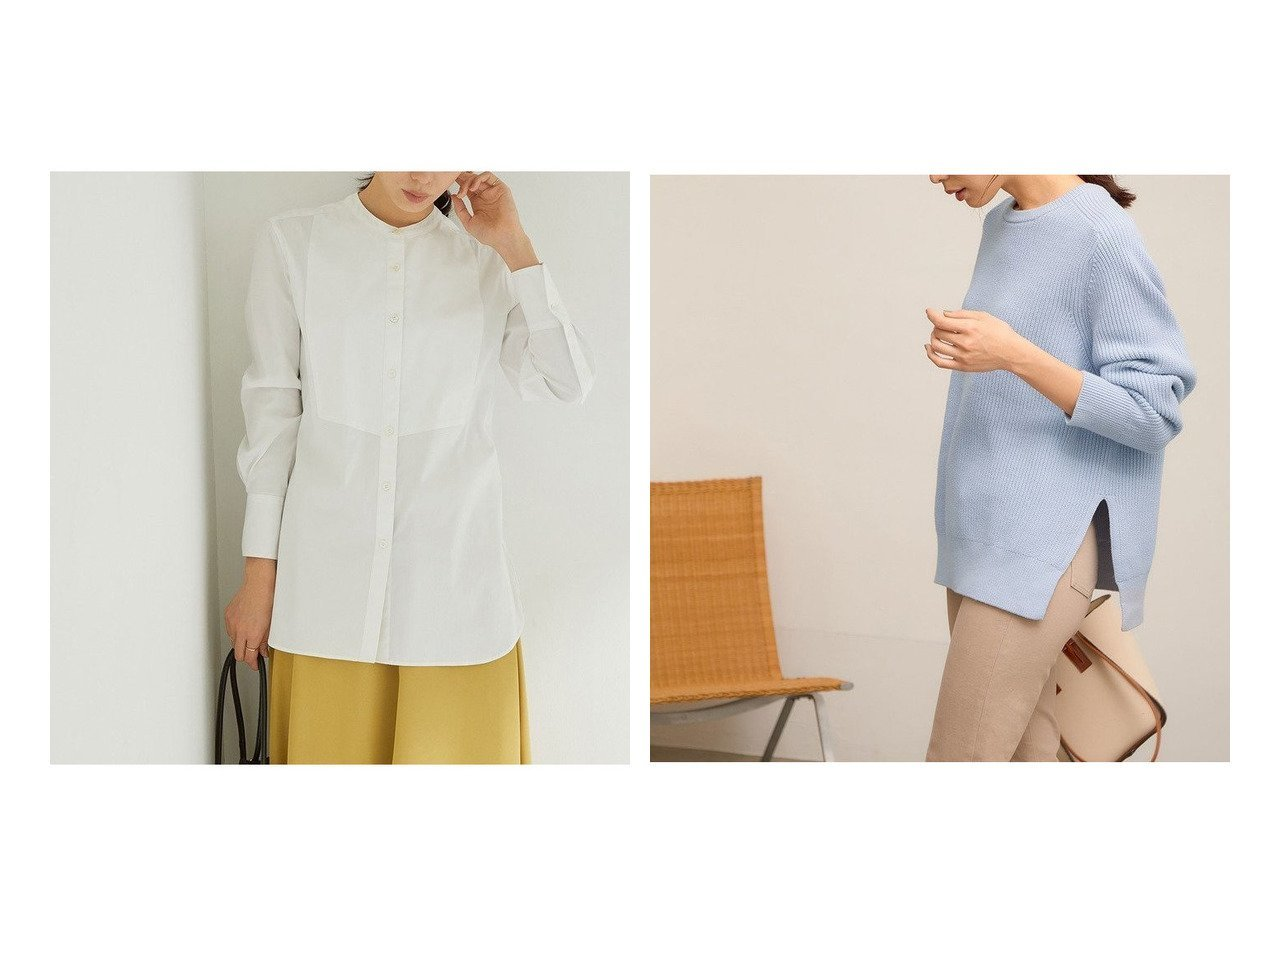 【ROPE'/ロペ】のコットンポリエステルサイドスリット畦クルーネックニット&【21SS】ハイパワーブロードボサムチュニックノーカラーシャツ ROPEのおすすめ!人気、トレンド・レディースファッションの通販 おすすめで人気の流行・トレンド、ファッションの通販商品 メンズファッション・キッズファッション・インテリア・家具・レディースファッション・服の通販 founy(ファニー) https://founy.com/ ファッション Fashion レディースファッション WOMEN トップス カットソー Tops Tshirt シャツ/ブラウス Shirts Blouses ニット Knit Tops ストライプ ストレッチ チュニック バランス ベスト ポケット 無地 2021年 2021 S/S 春夏 SS Spring/Summer 2021 春夏 S/S SS Spring/Summer 2021 スリット セーター ベーシック リラックス 春 Spring 畦 |ID:crp329100000020078